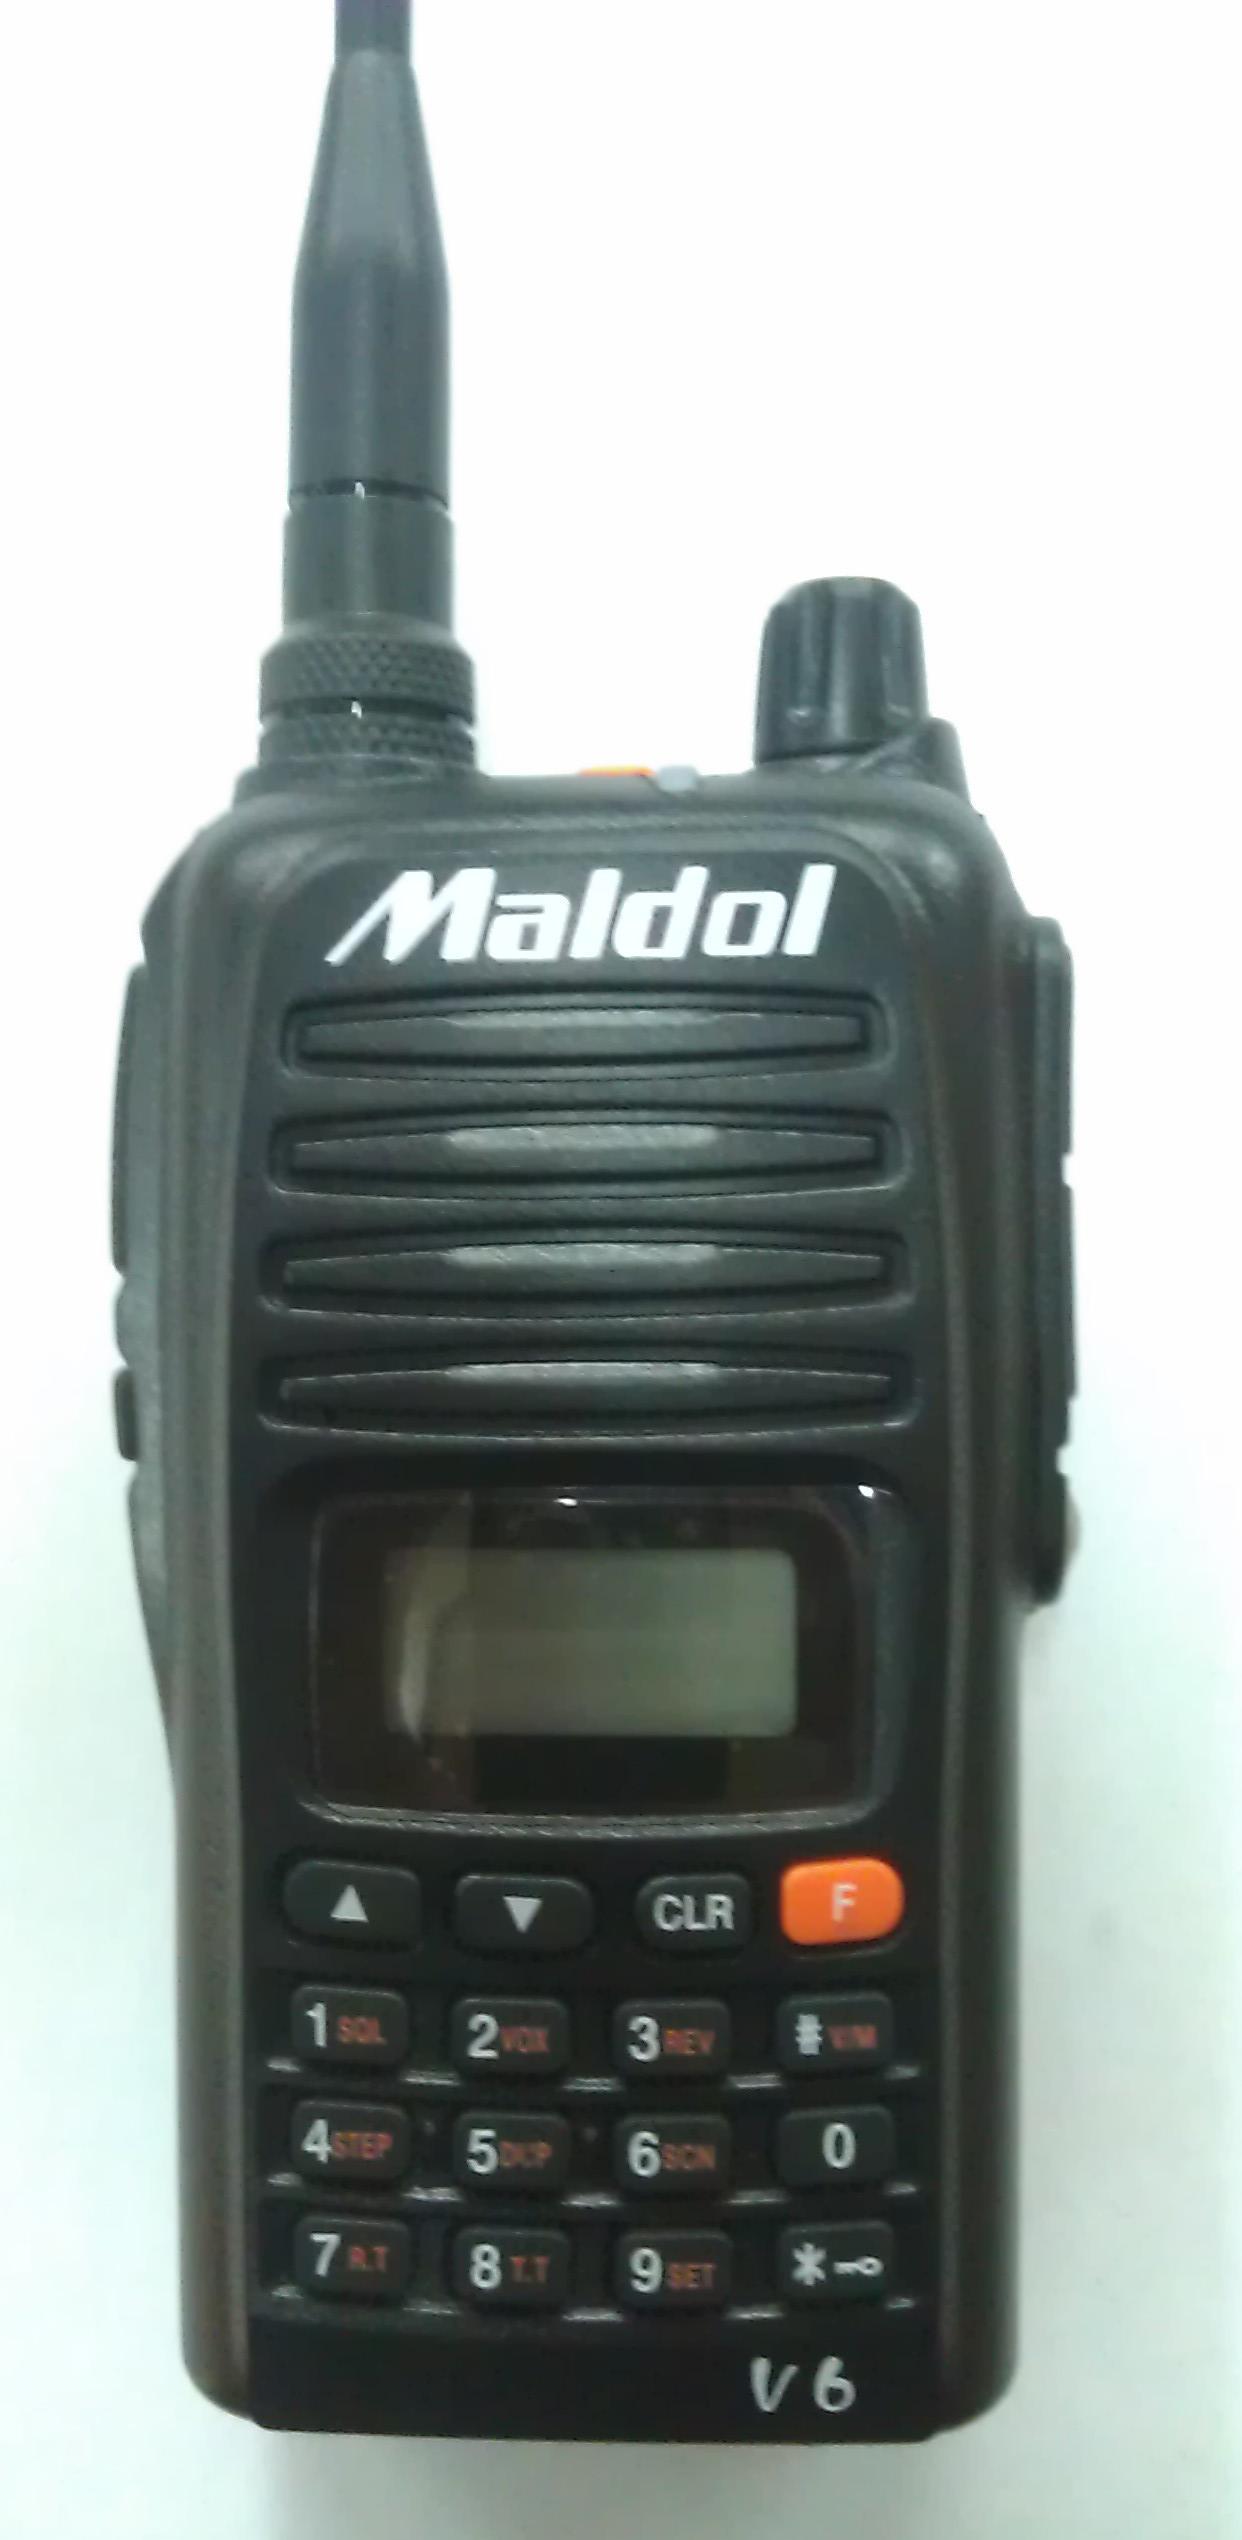 MALDOL V-6: Catálogo de Olanni Electronics